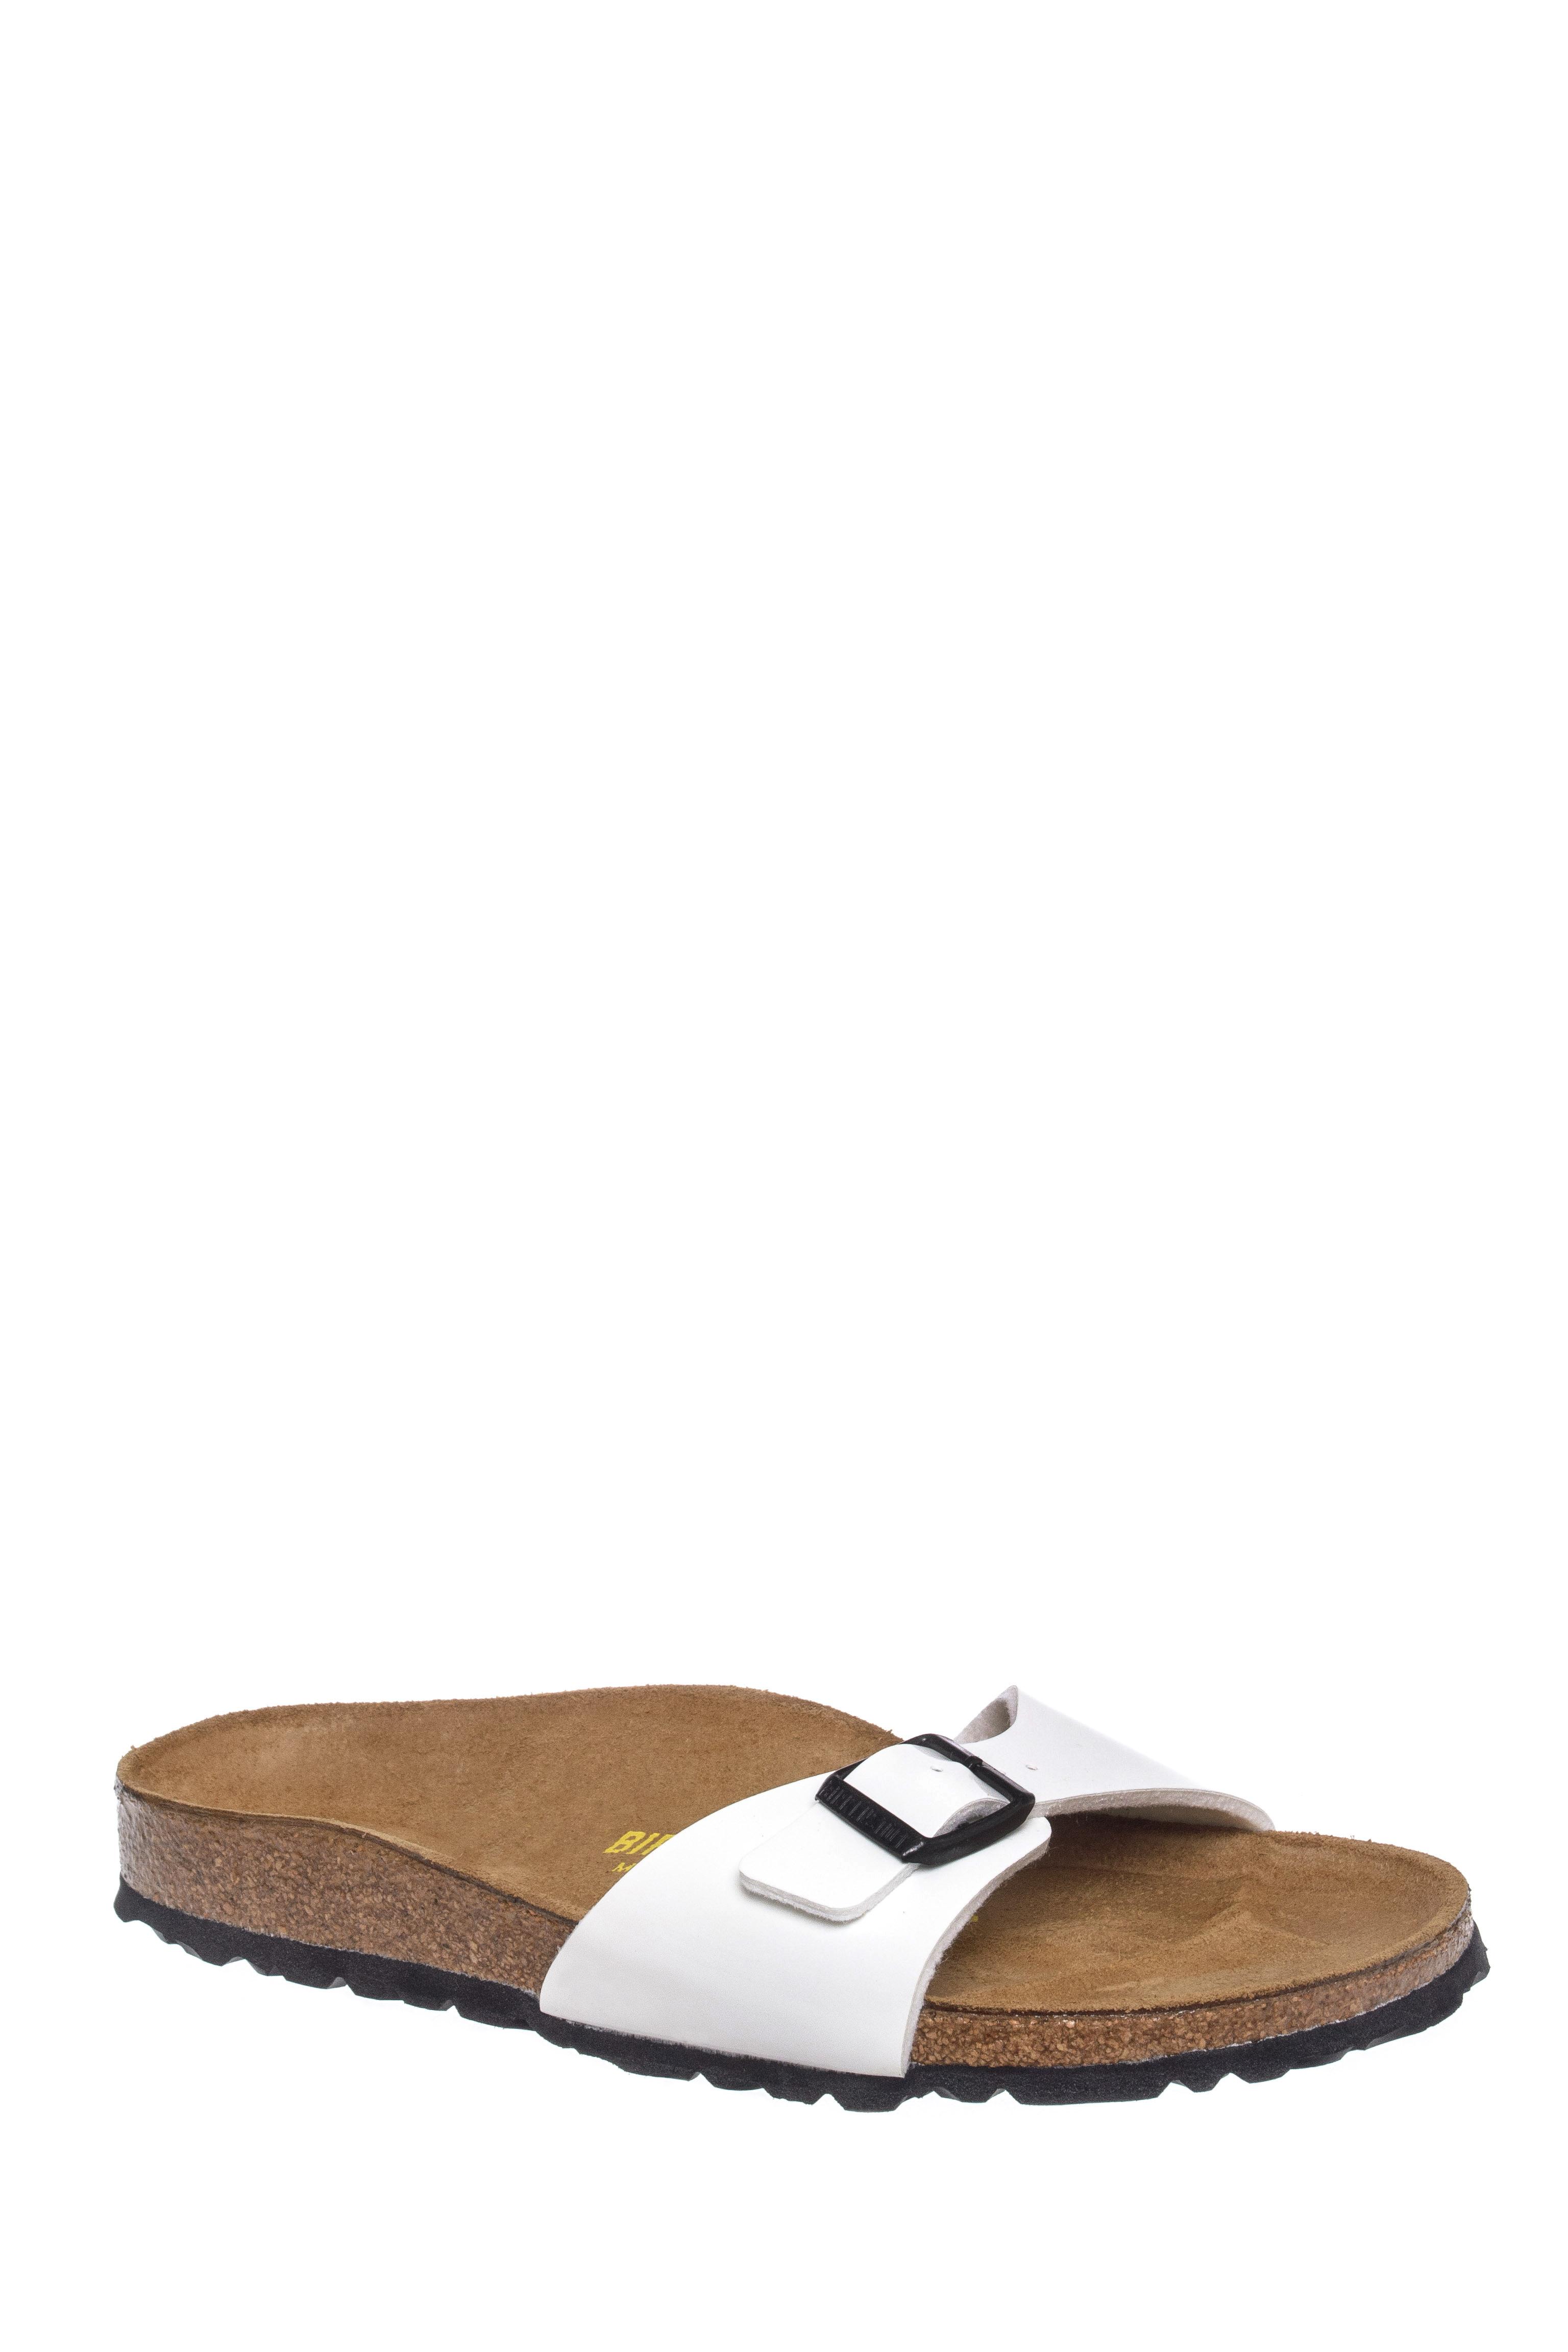 Birkenstock Madrid Slide Flats Sandals -  White